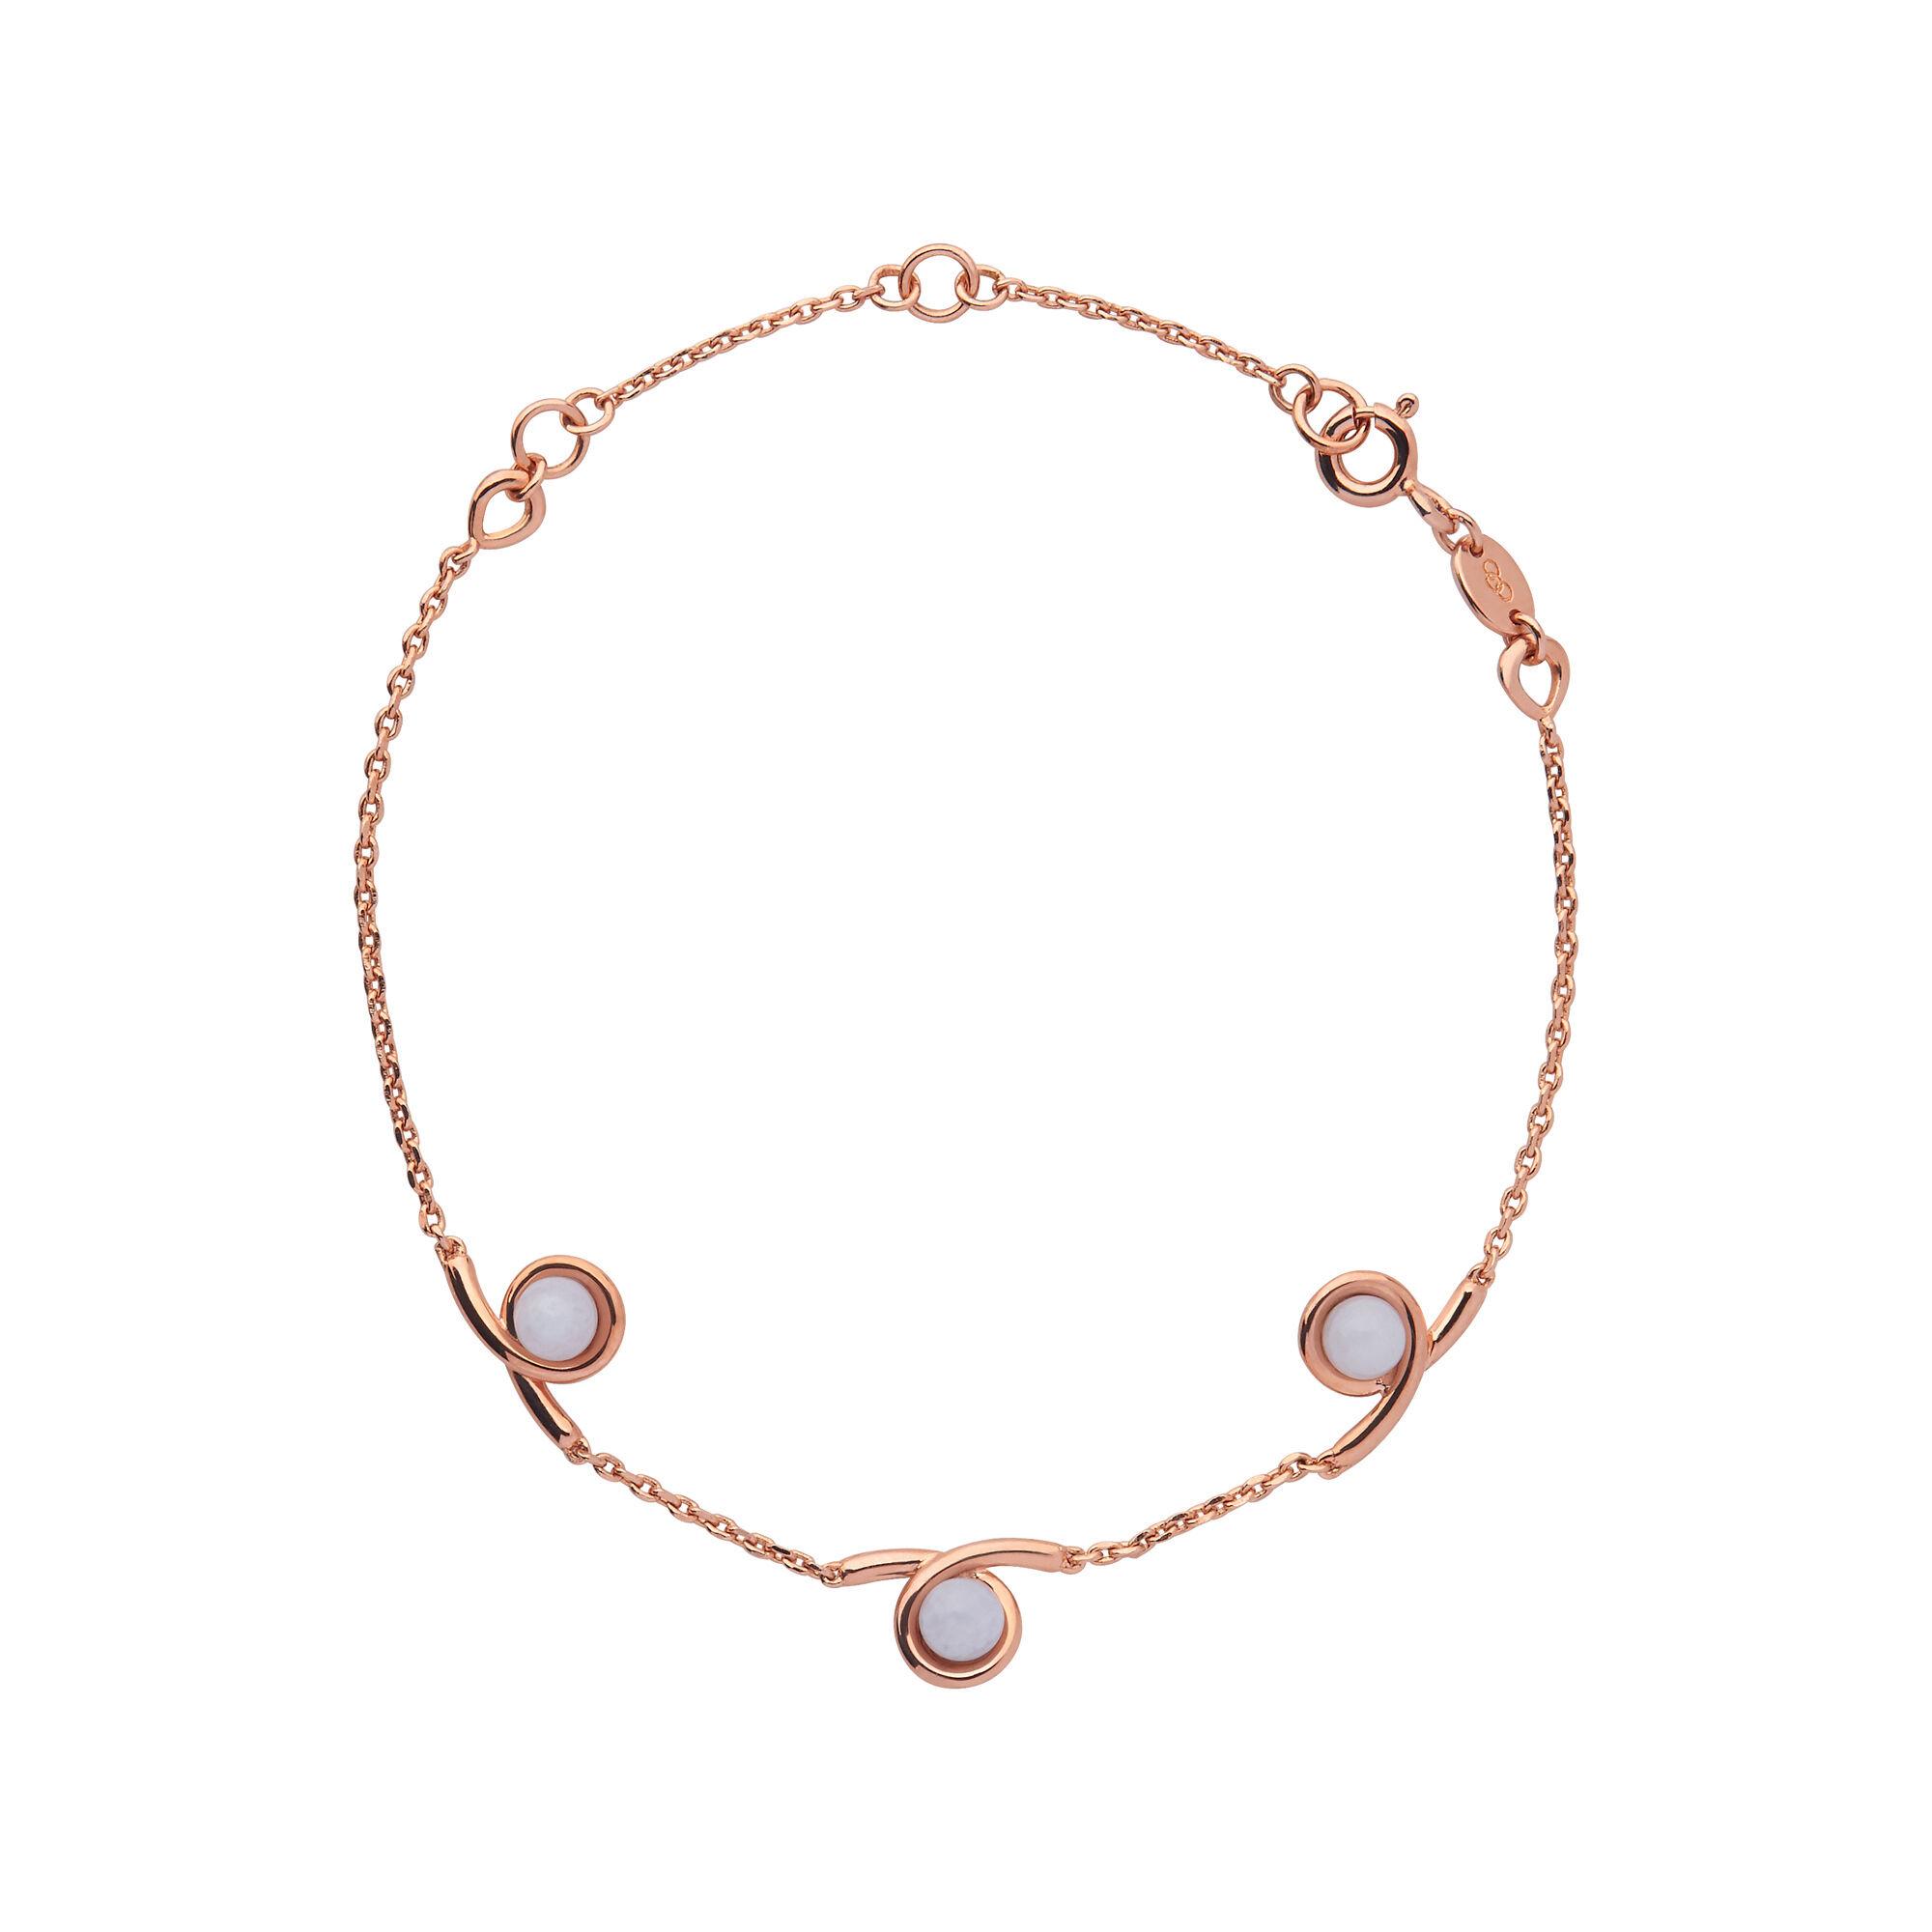 Serpentine 18kt Rose Gold Vermeil Blue Lace Agate Gemstone Bracelet Hires